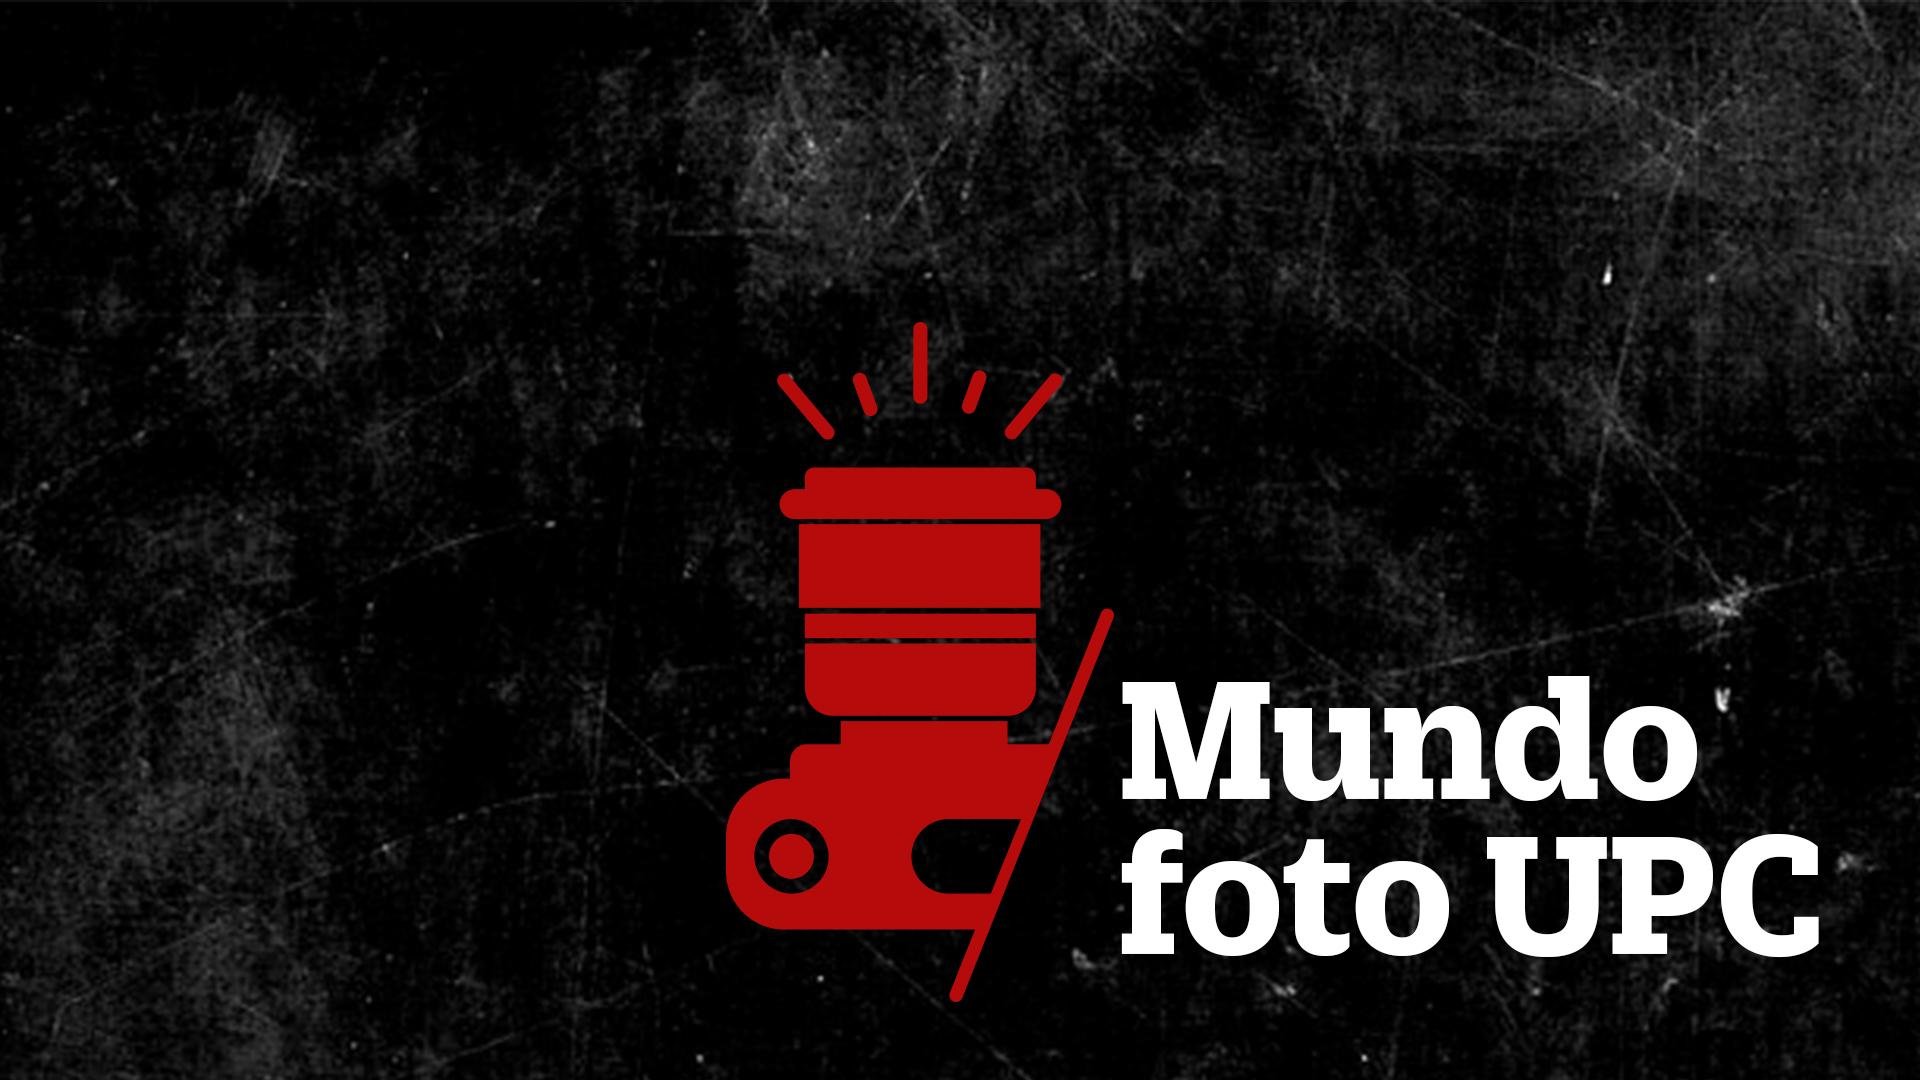 Mundo foto UPC